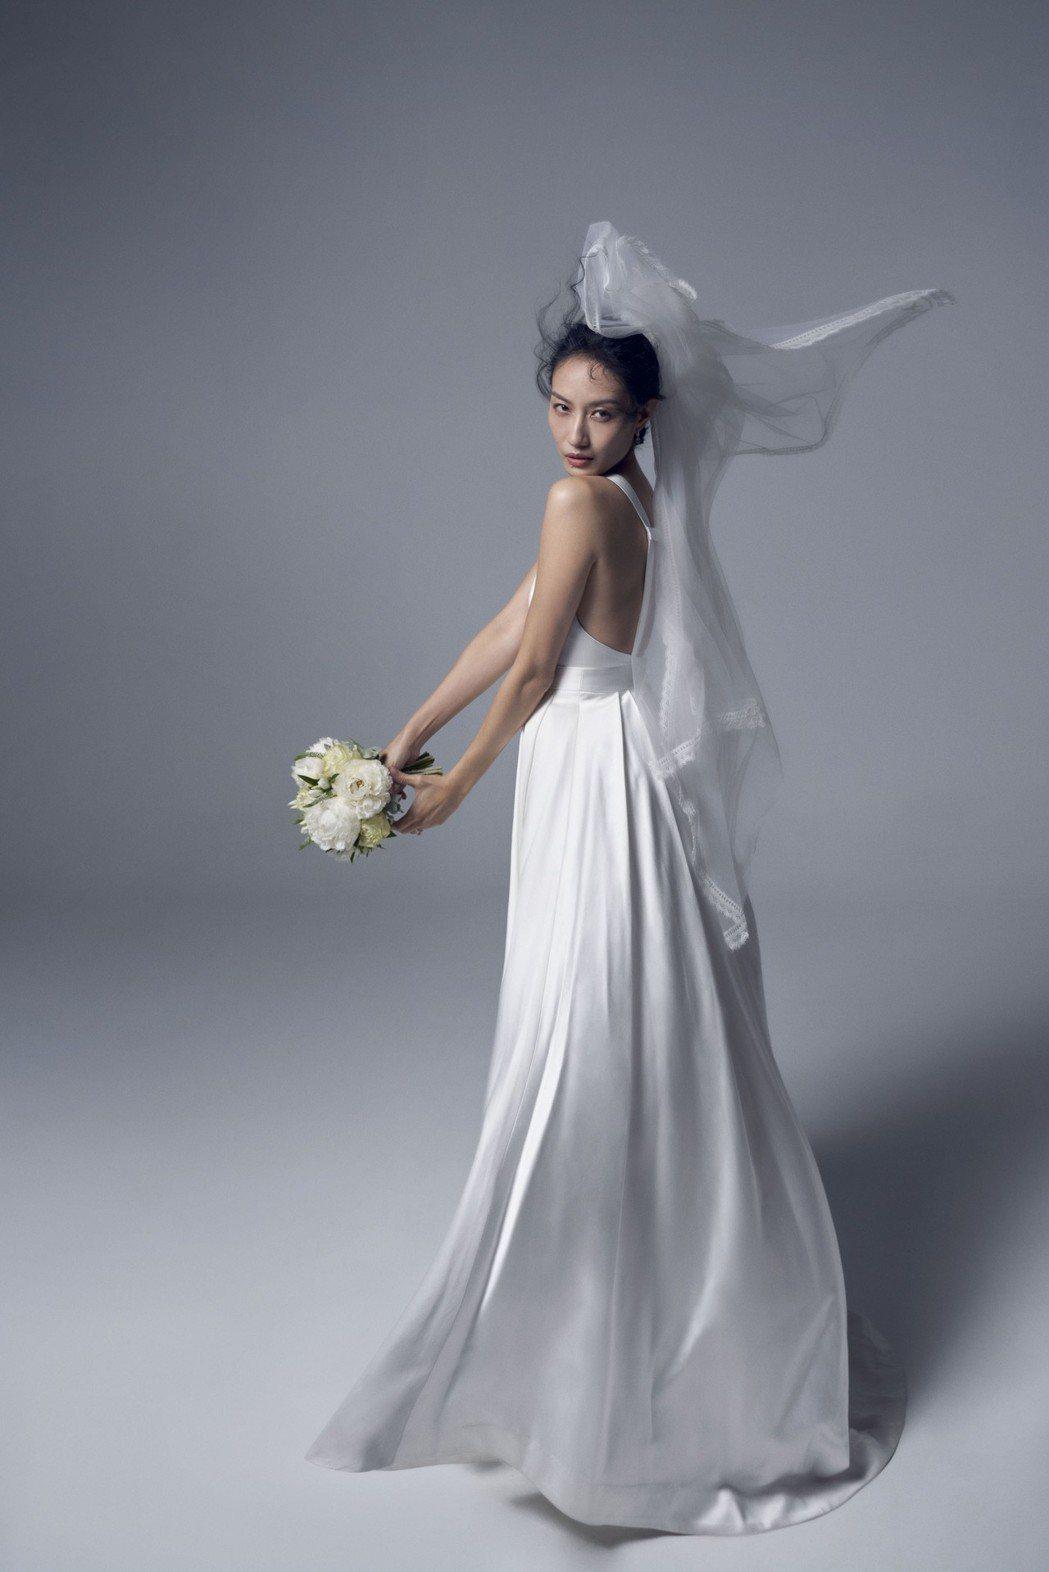 邱馨慧拍攝棚內婚紗照。圖/凱渥提供